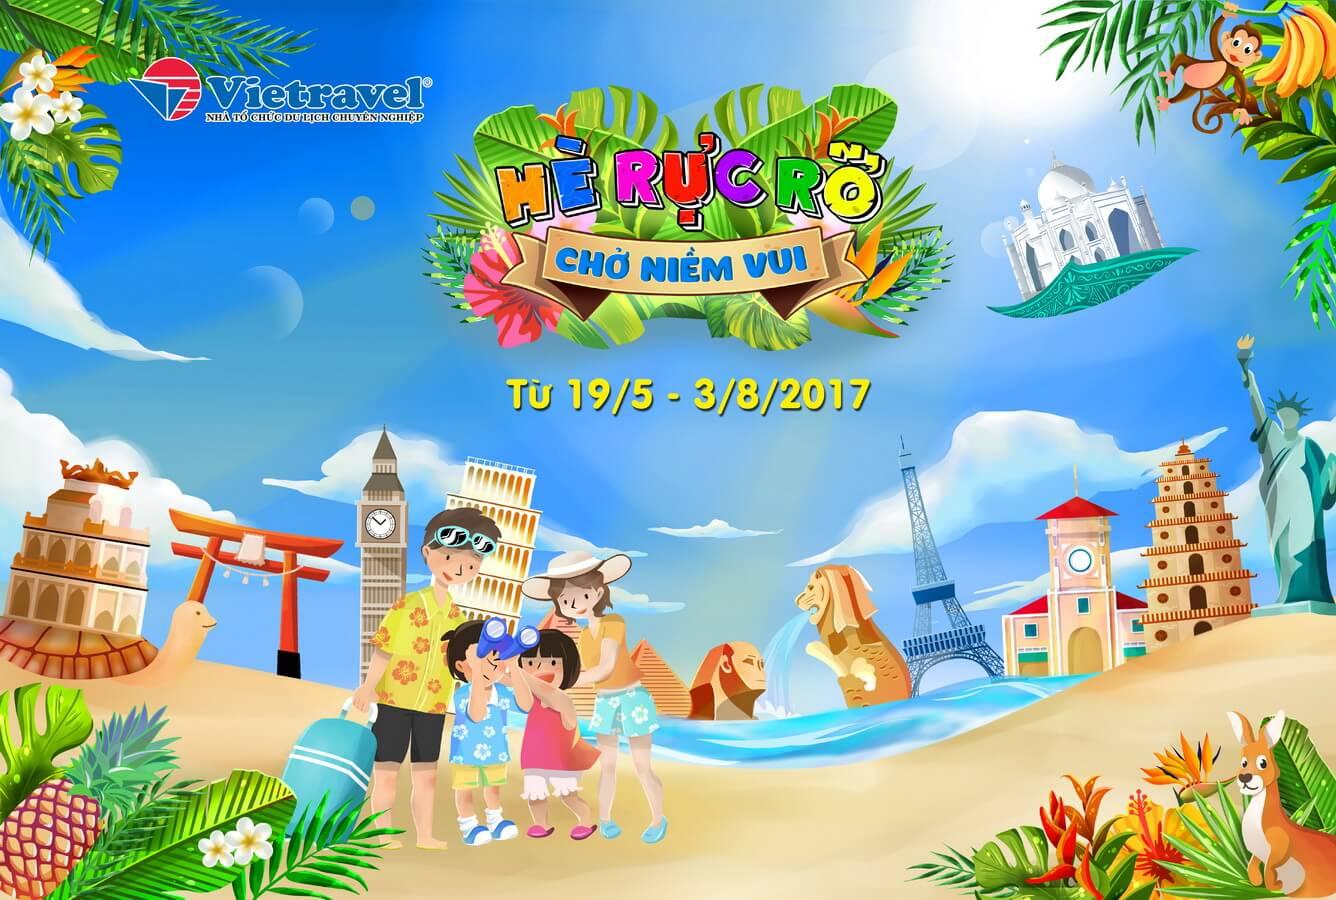 Vietravel dành nhiều ưu đãi tặng du khách dịp hè